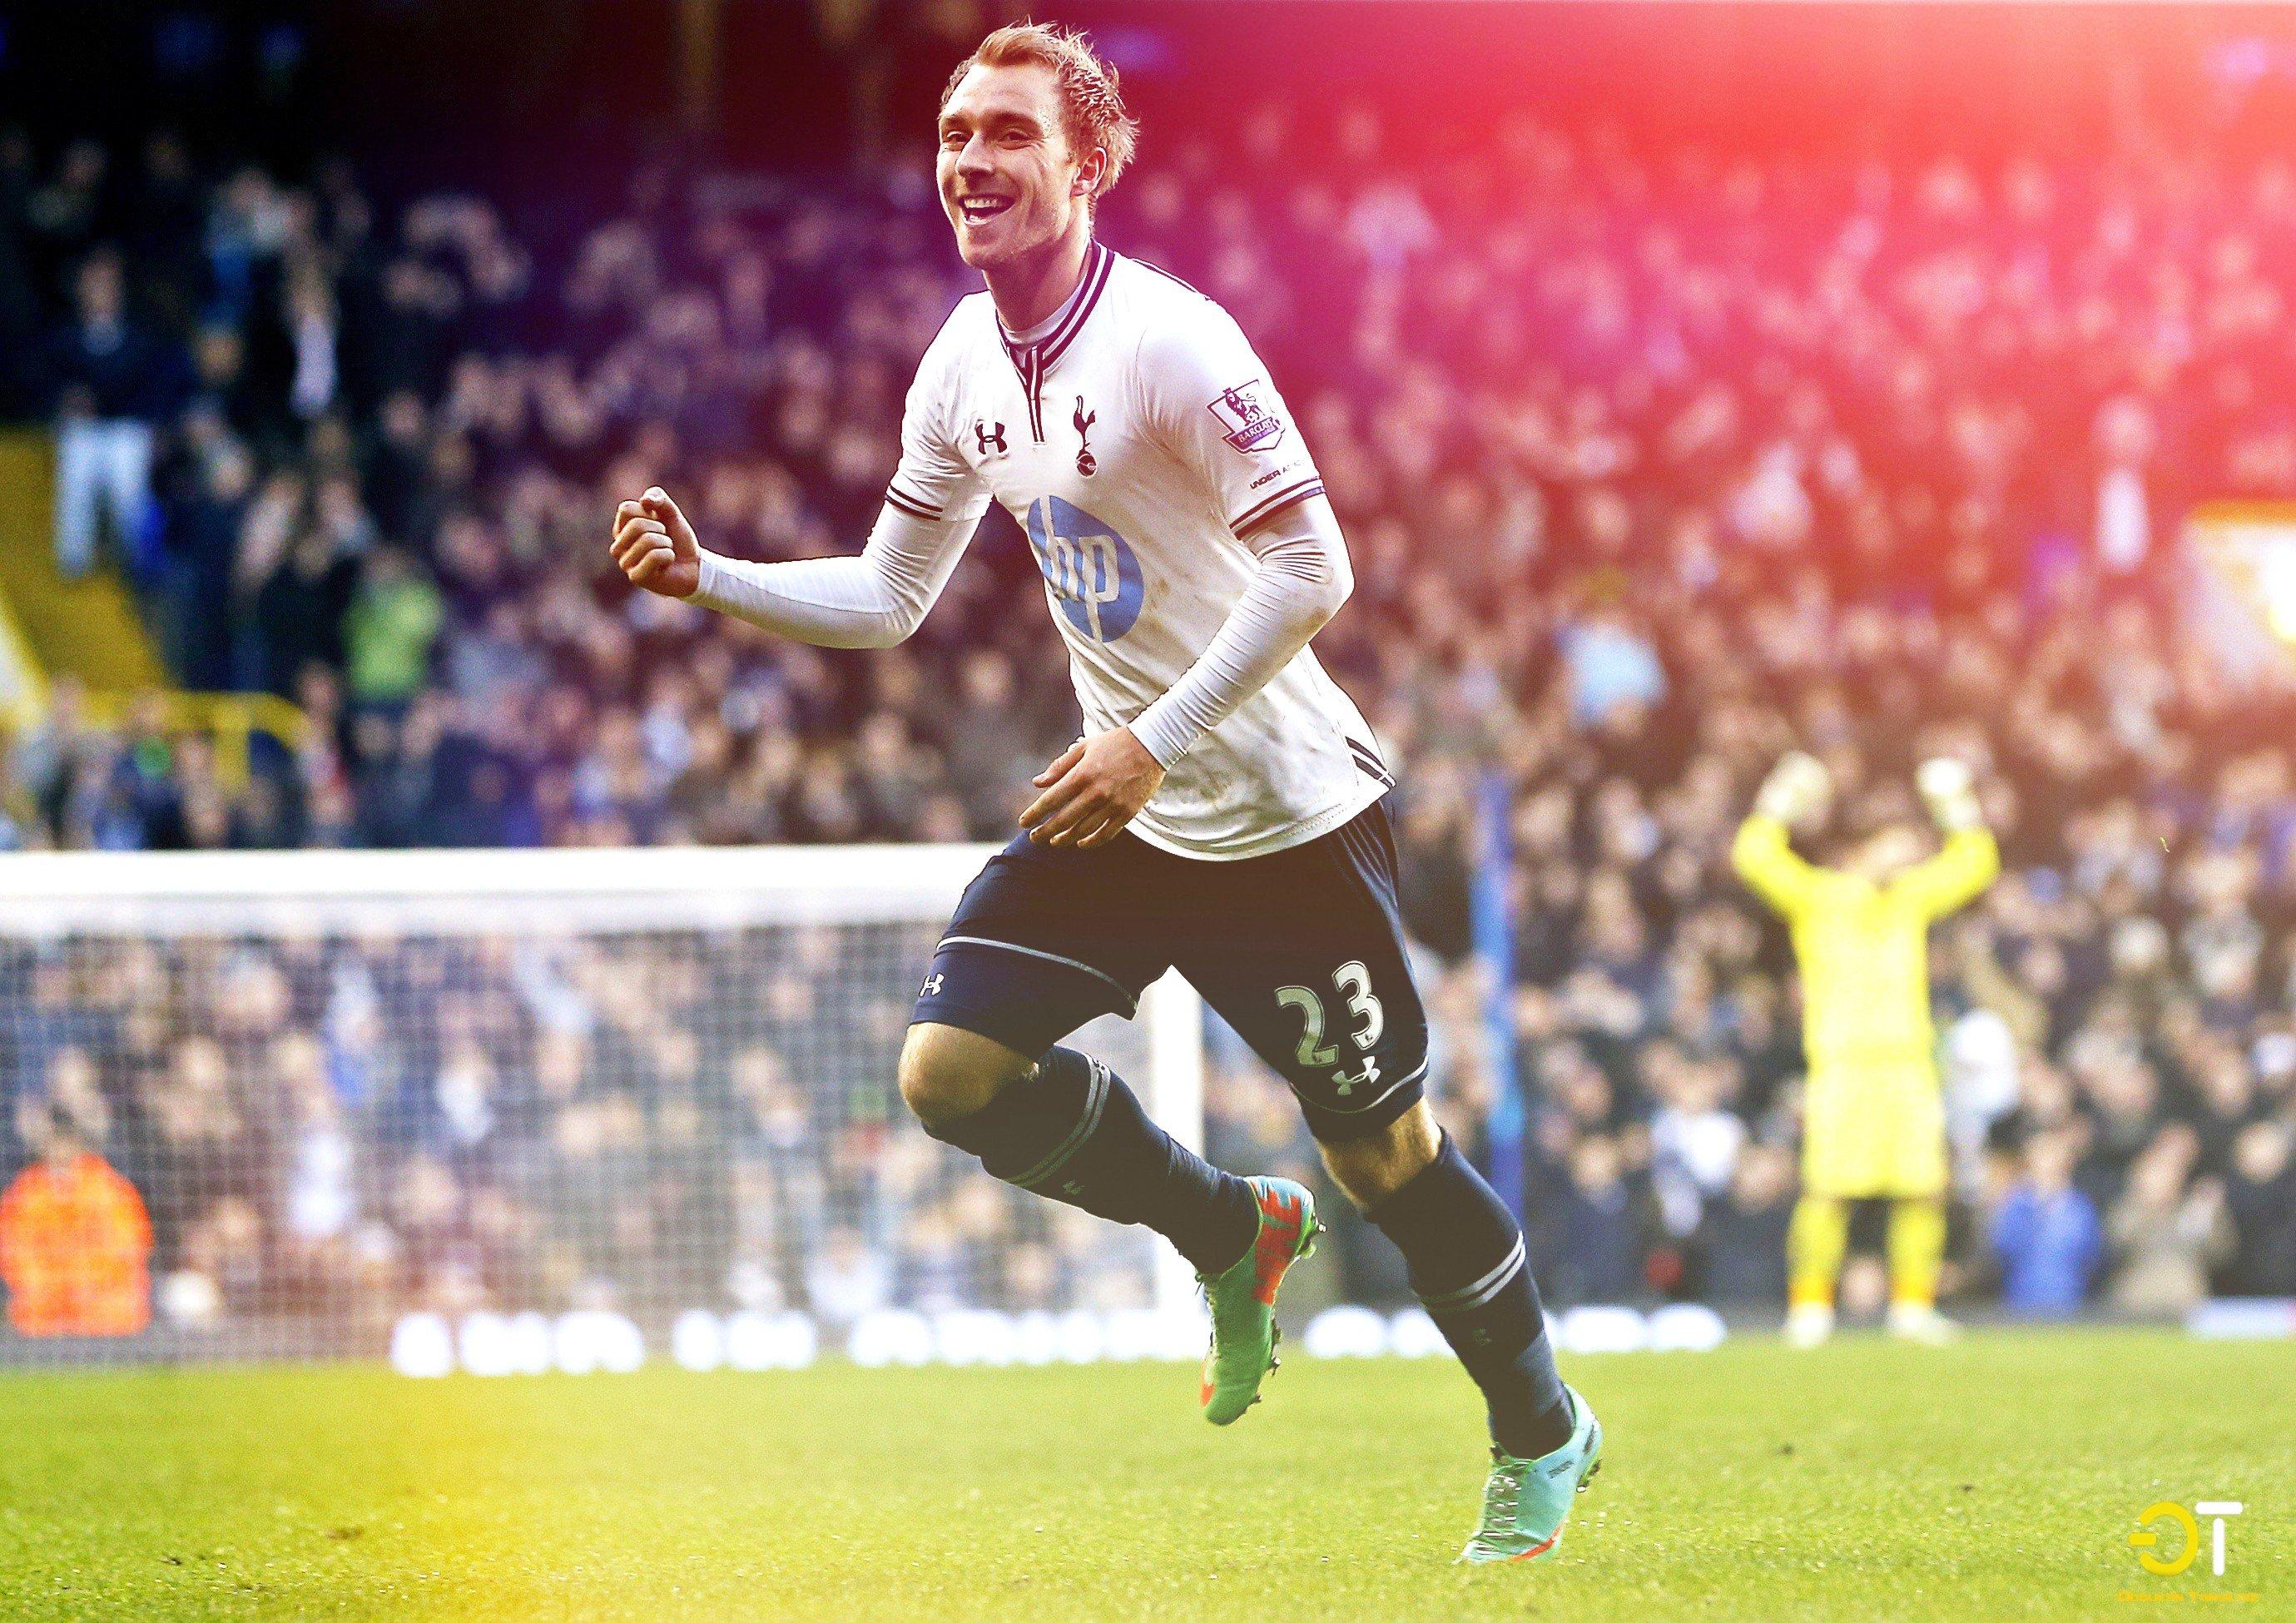 Christian Eriksen, Spurs, Tottenham Hotspur HD Wallpapers